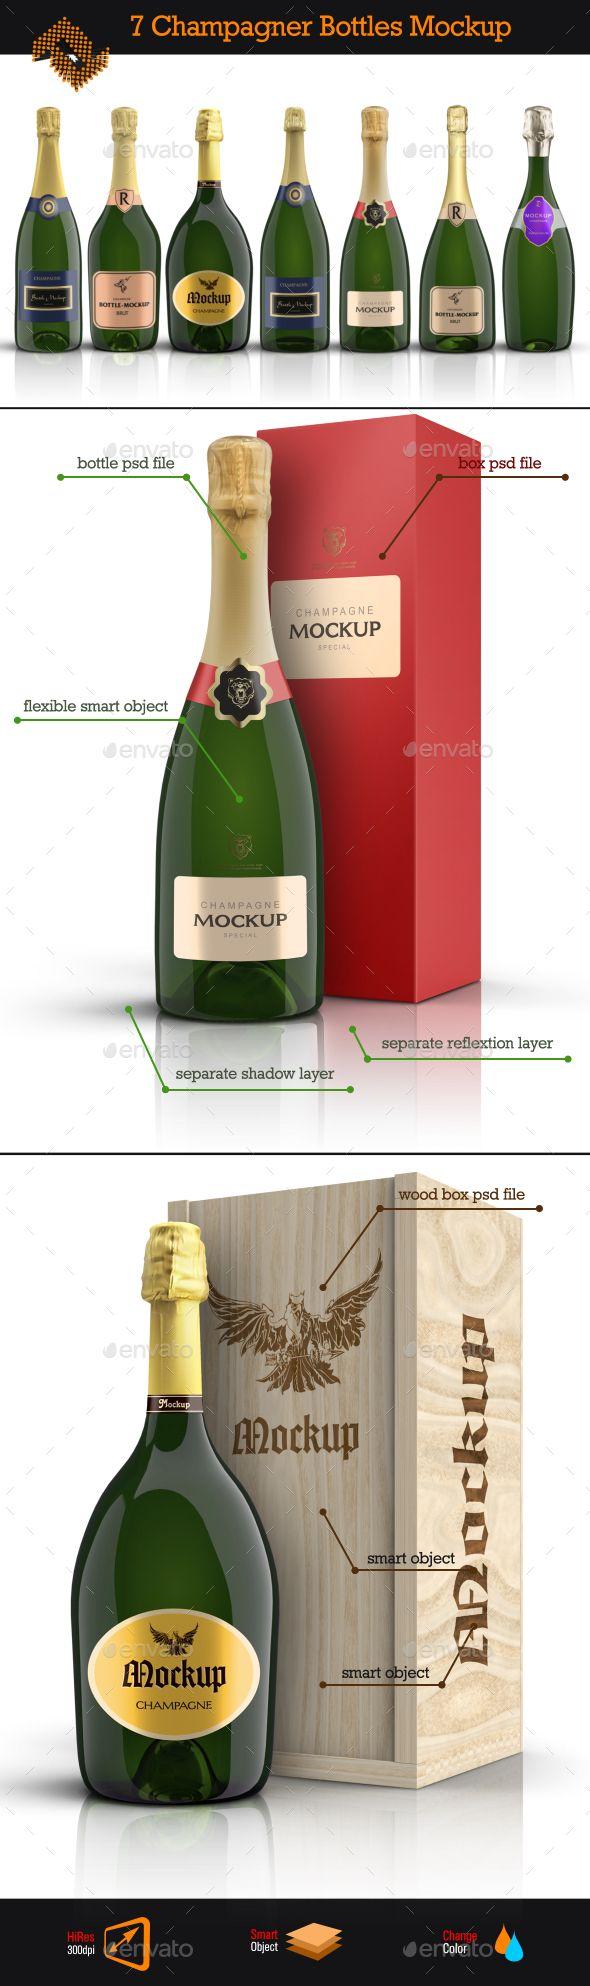 7 Champagner Bottles Boxes Mockup Box Mockup Bottle Box Bottle